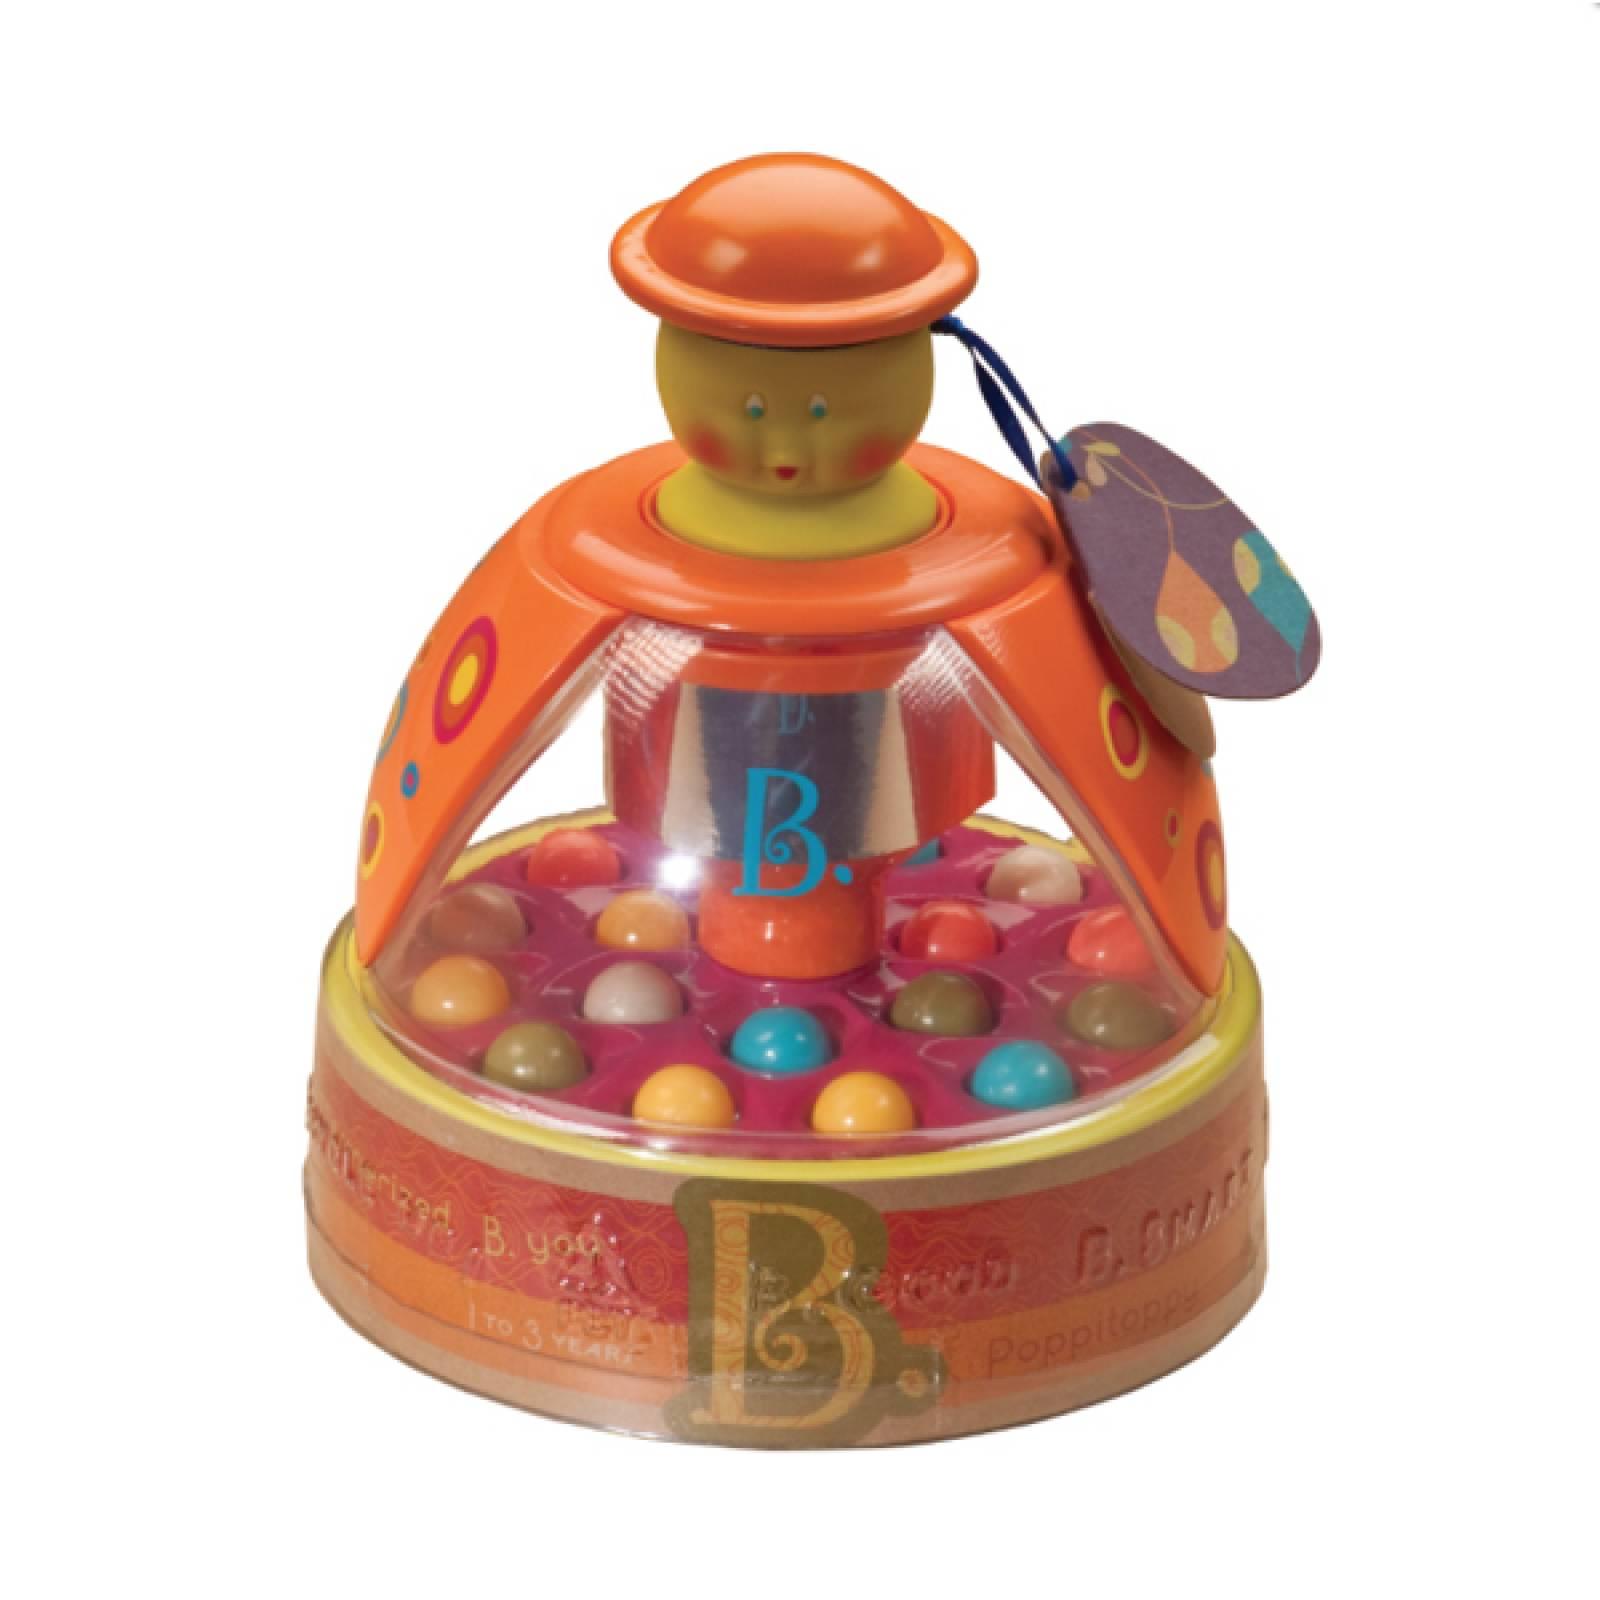 Poppitoppy Pop Ball Toy By B. Toys 1Yr+